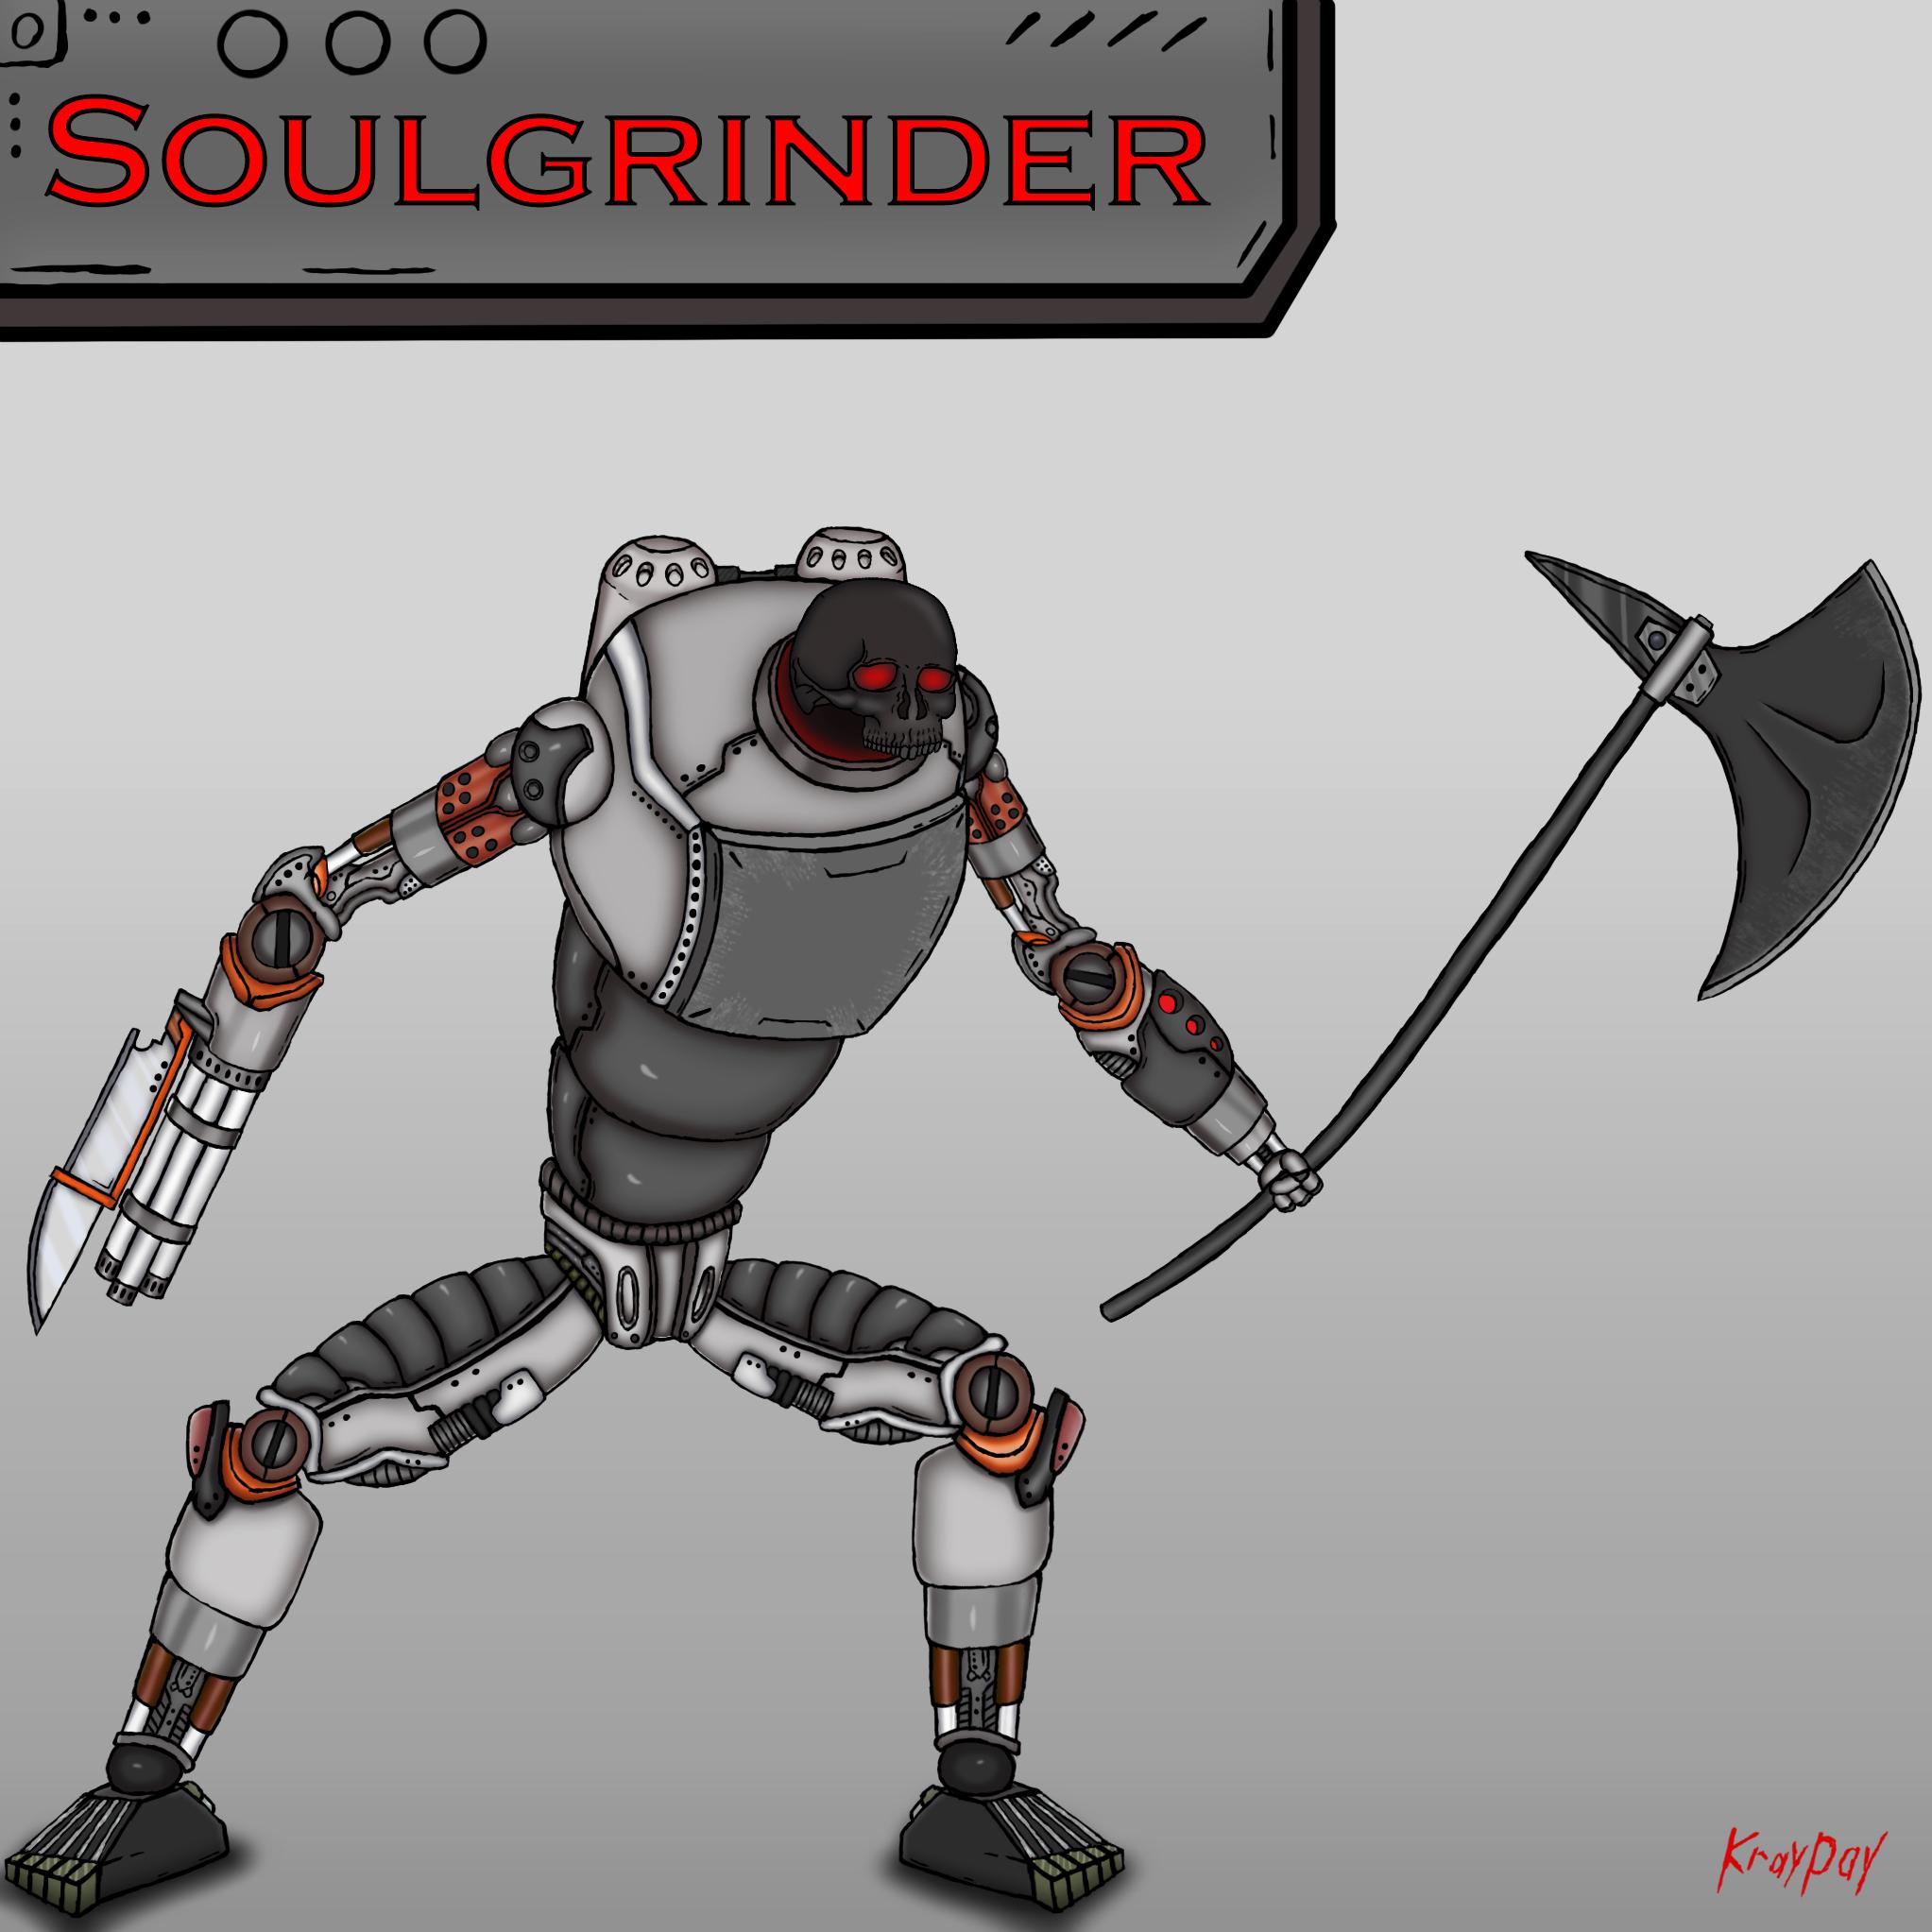 SoulGrinder